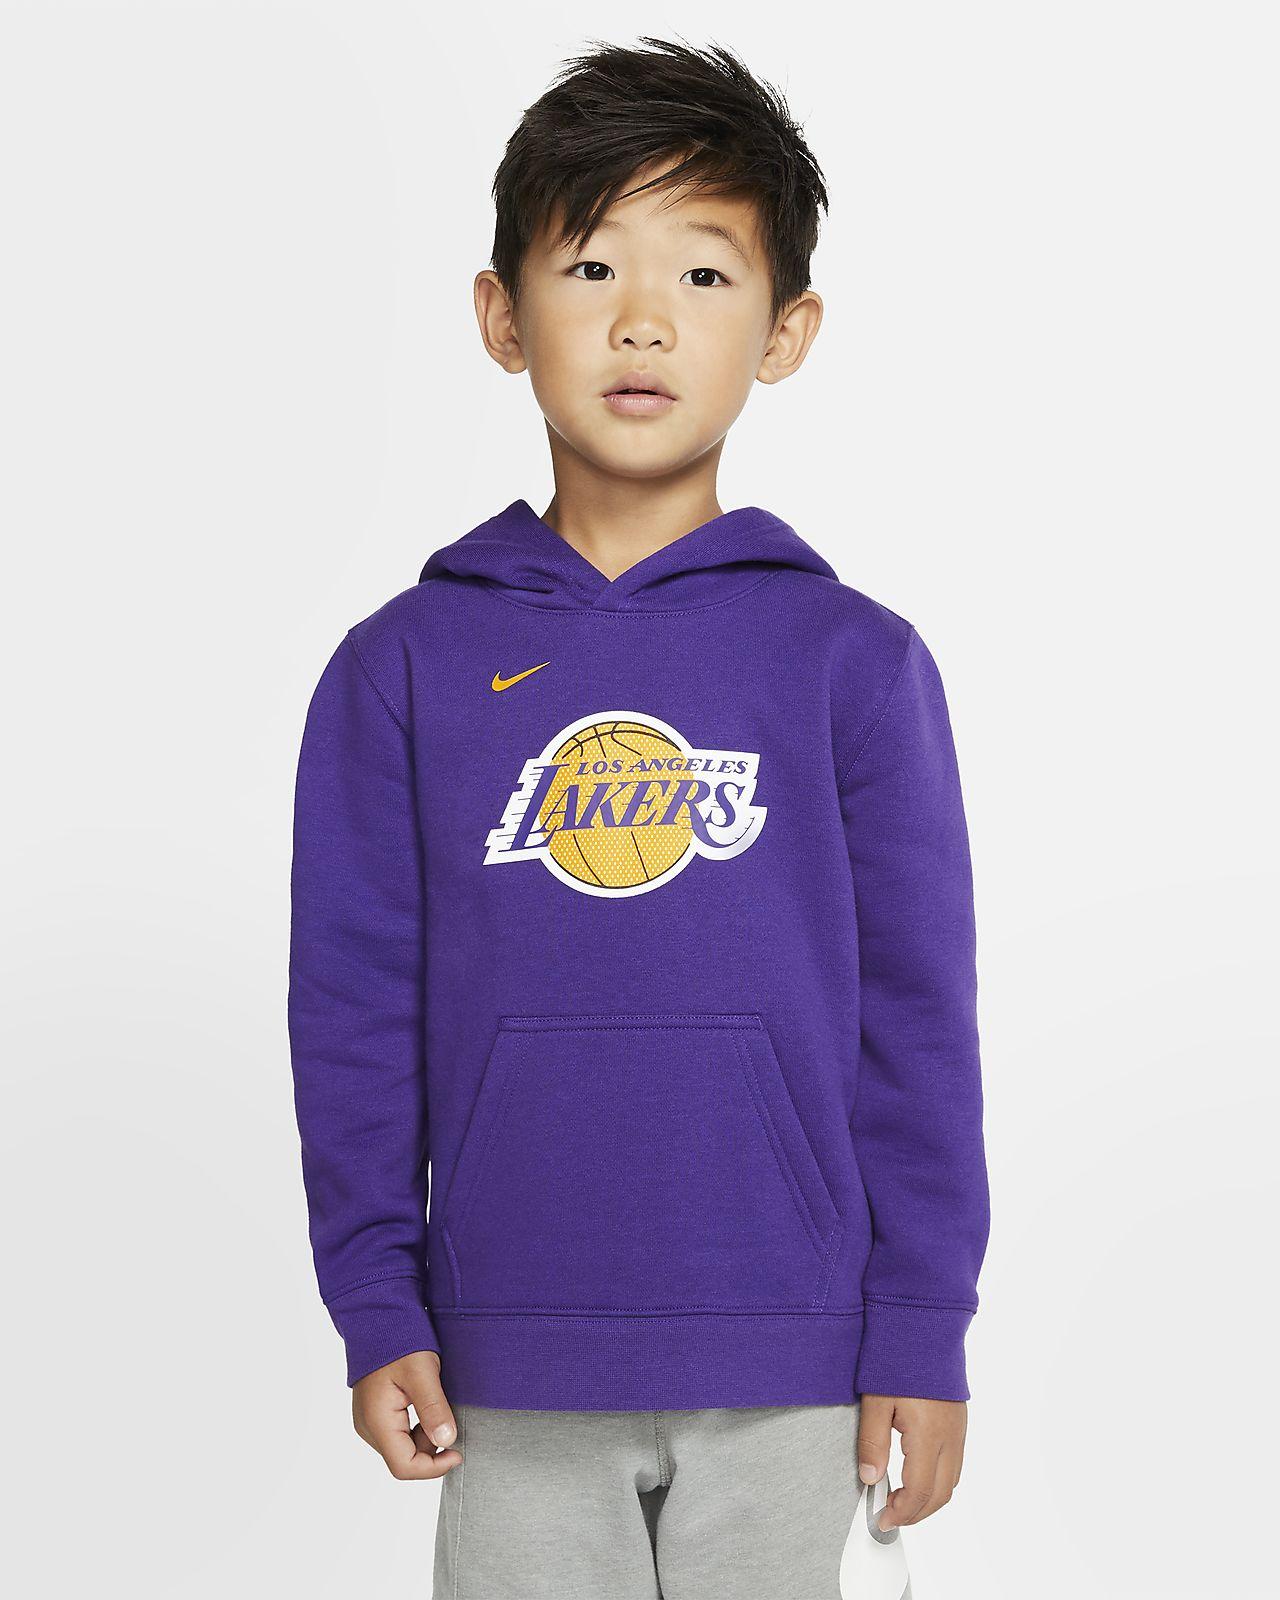 洛杉矶湖人队 Logo Nike NBA 幼童套头连帽衫